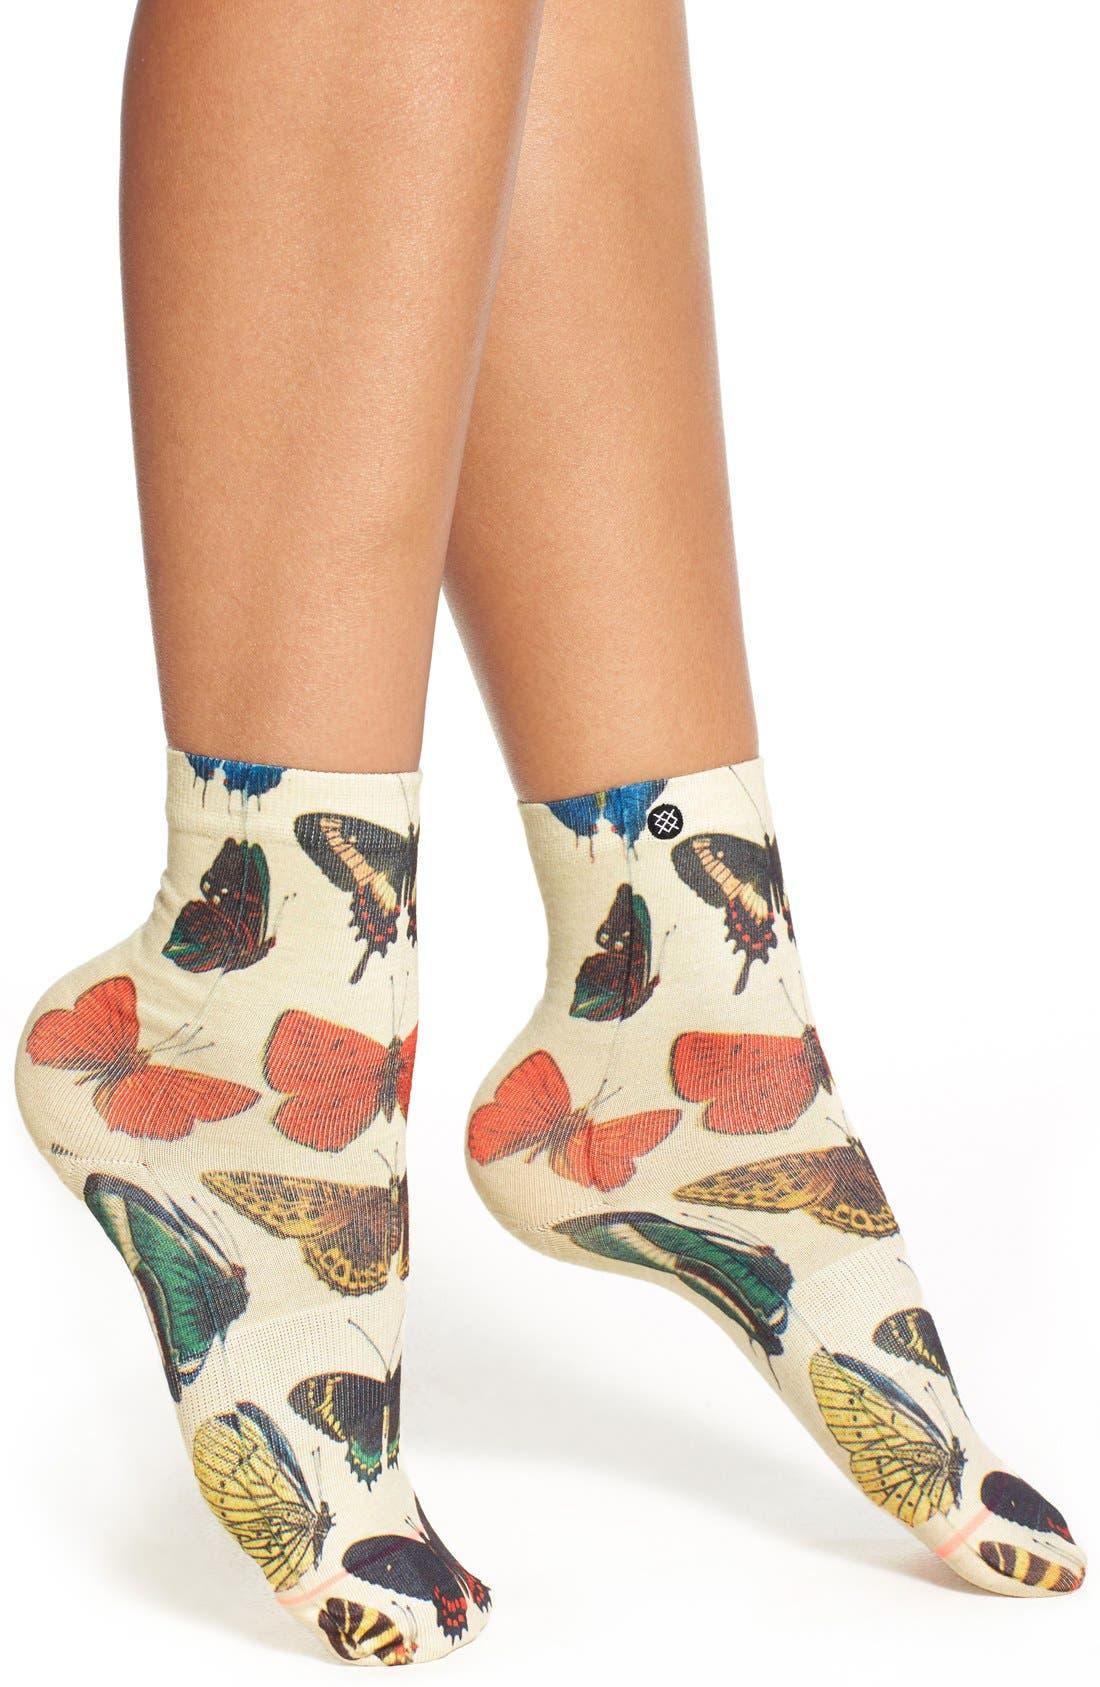 Alternate Image 1 Selected - Stance 'Flutterbye' Ankle Socks